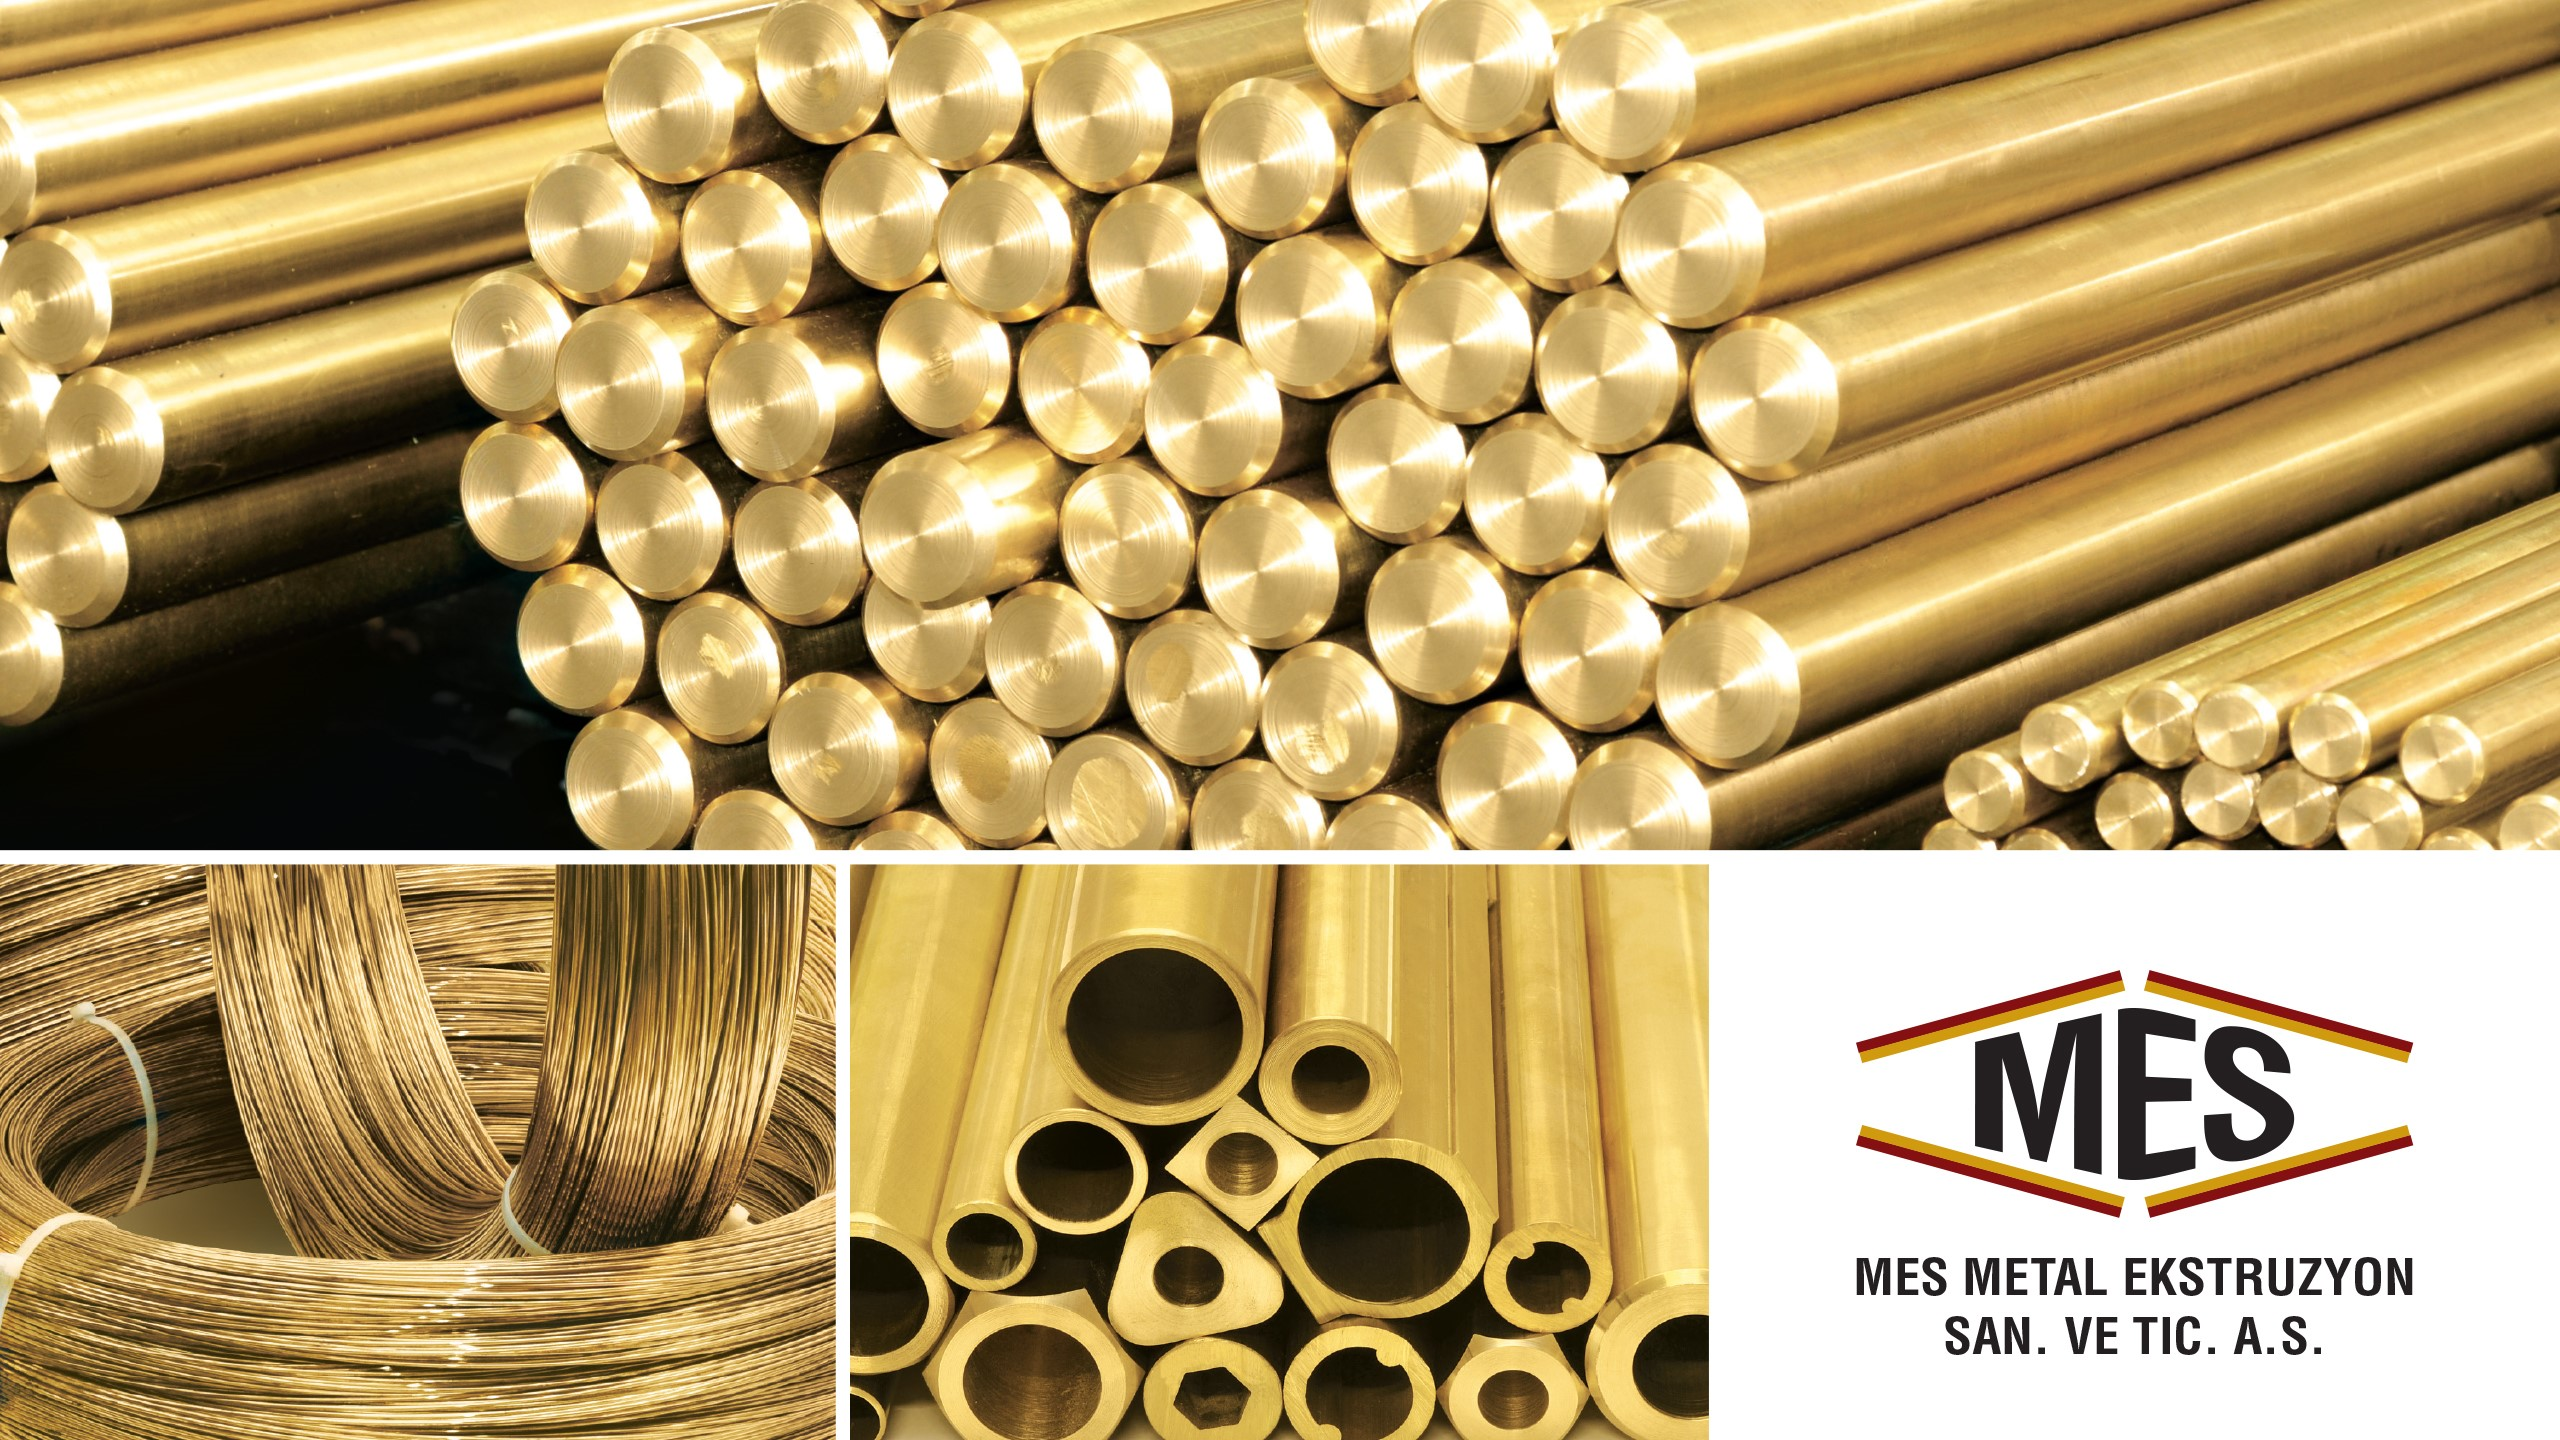 Mes Metal Ekstrüzyon Sanayi ve Ticaret A.Ş., MES METAL